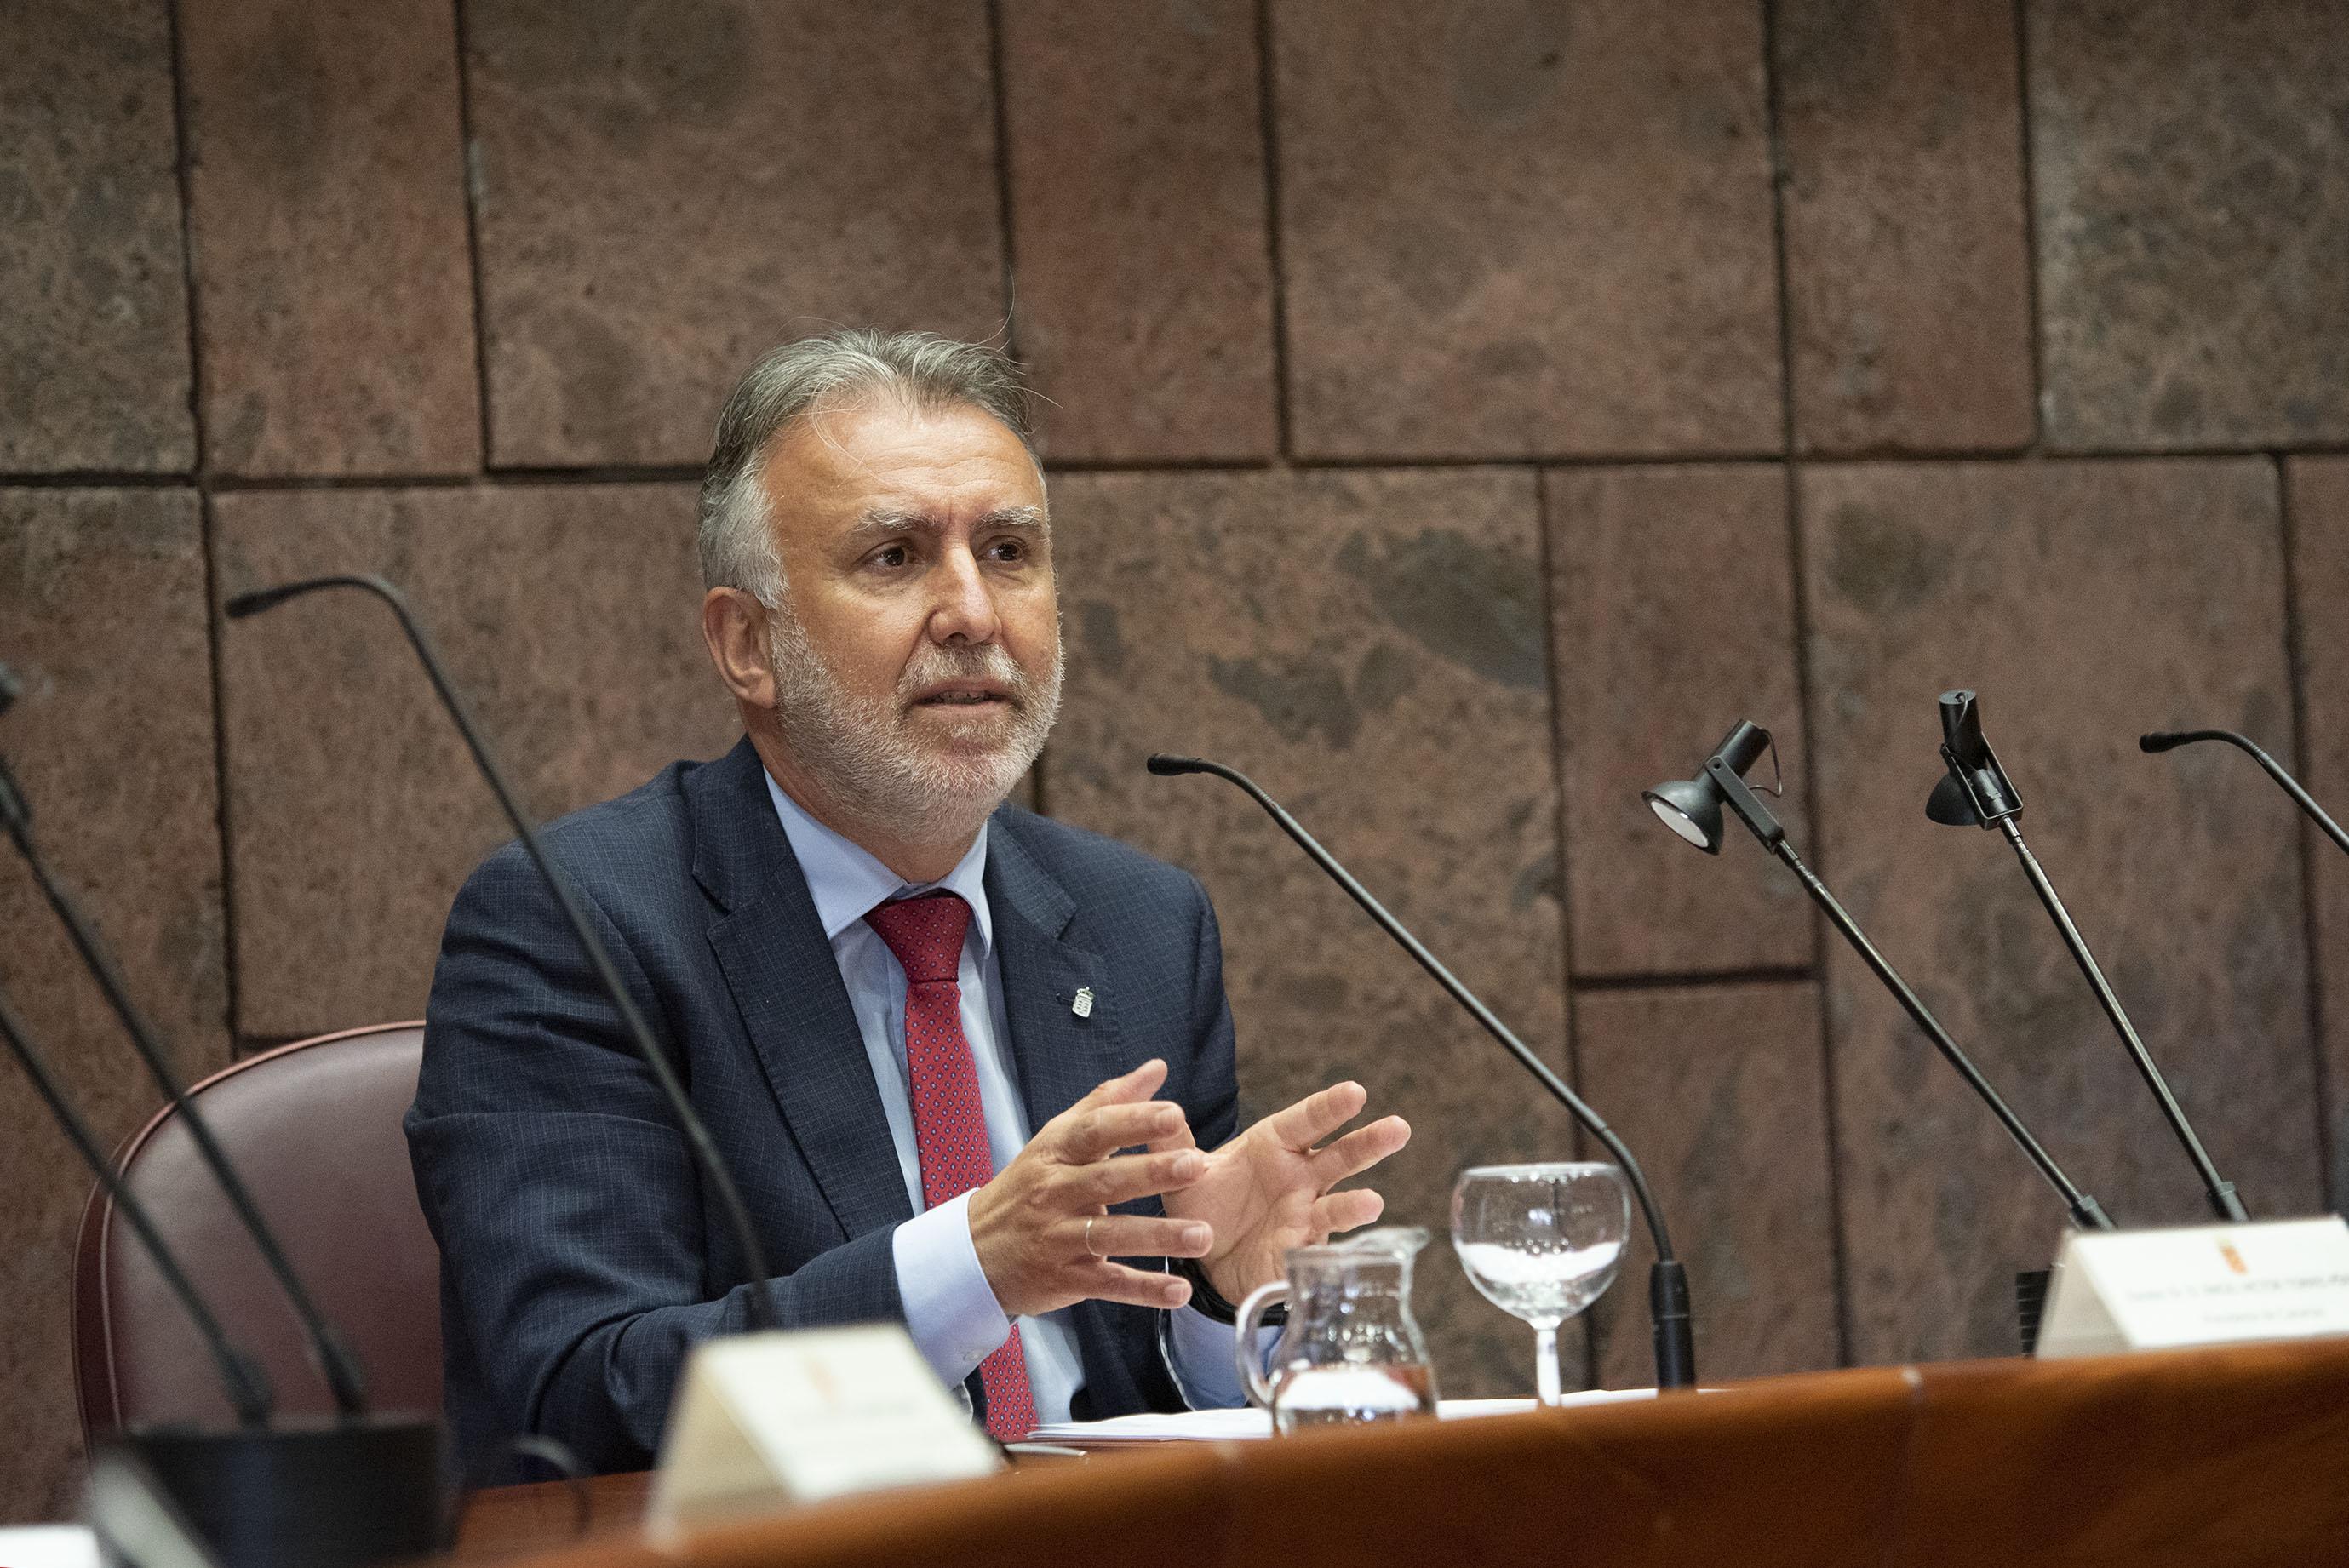 Ángel Víctor Torres en el Proyecto de Interconexión submarina entre Tenerife y La Gomera